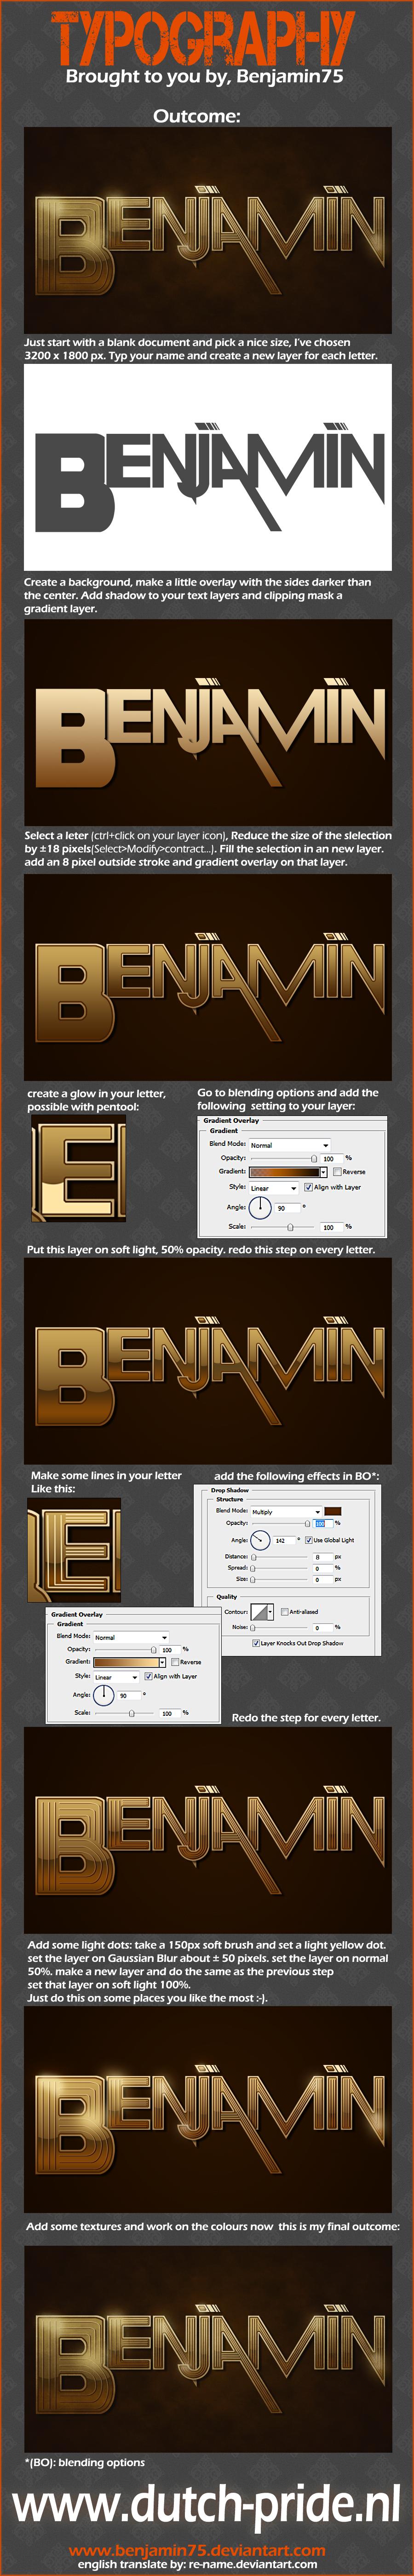 Tut typography by Benjamin75